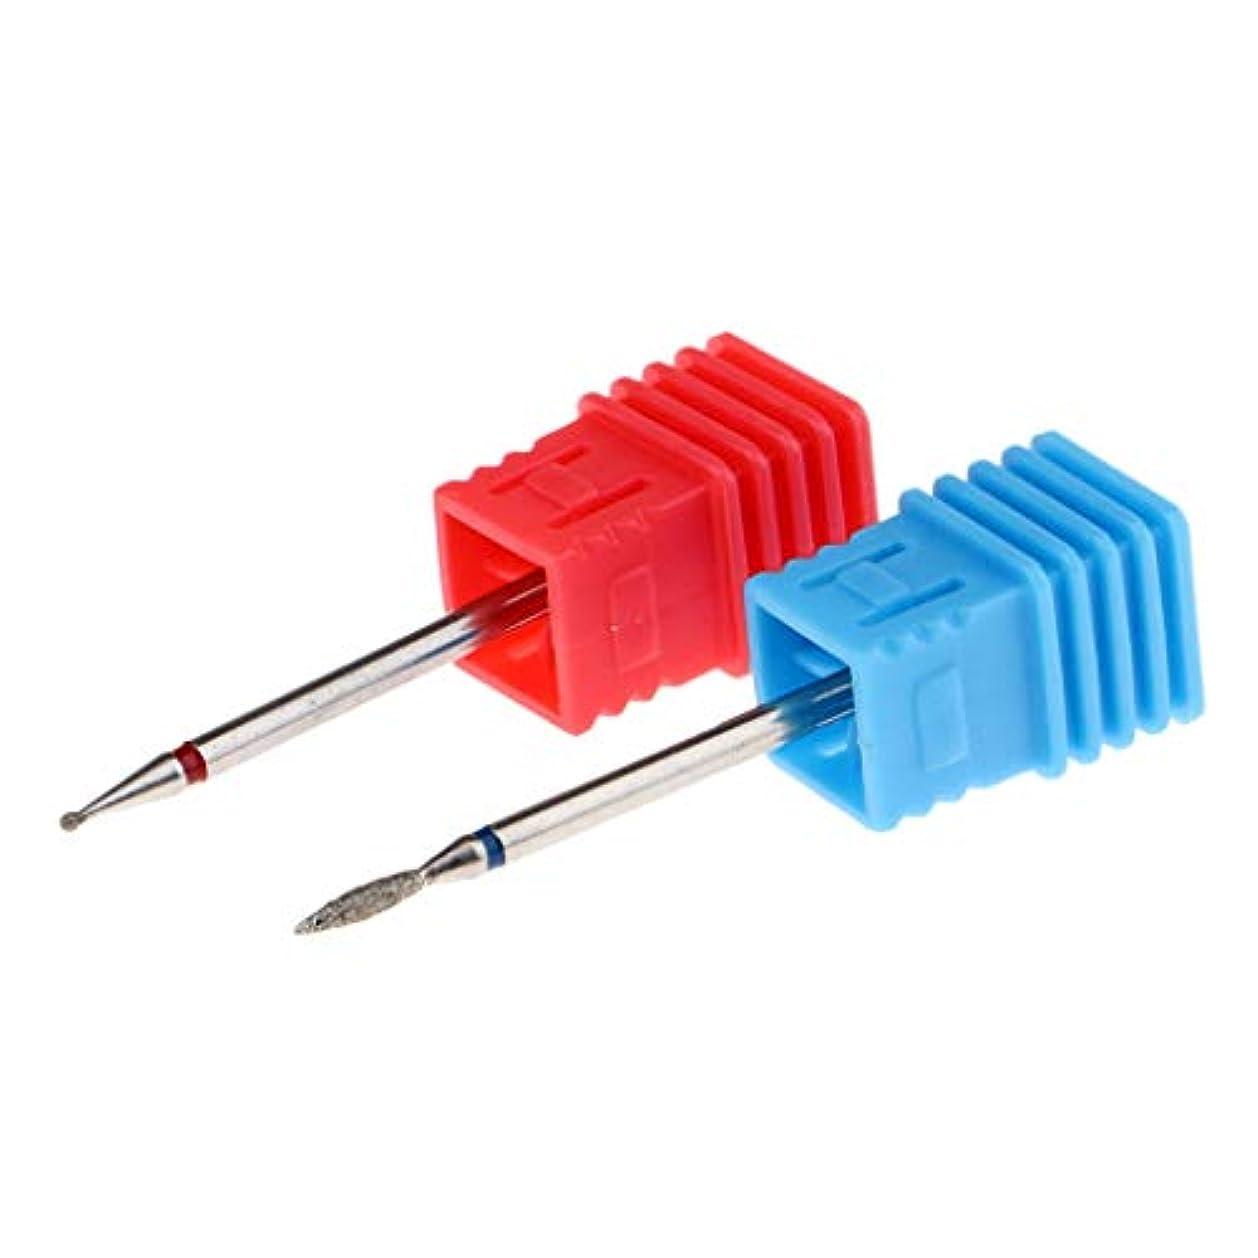 スタウト売り手葉巻ネイルドリル ネイルオフ 電動ネイルマシーン用 超硬 耐久性 2本セット 9色選択 - 03